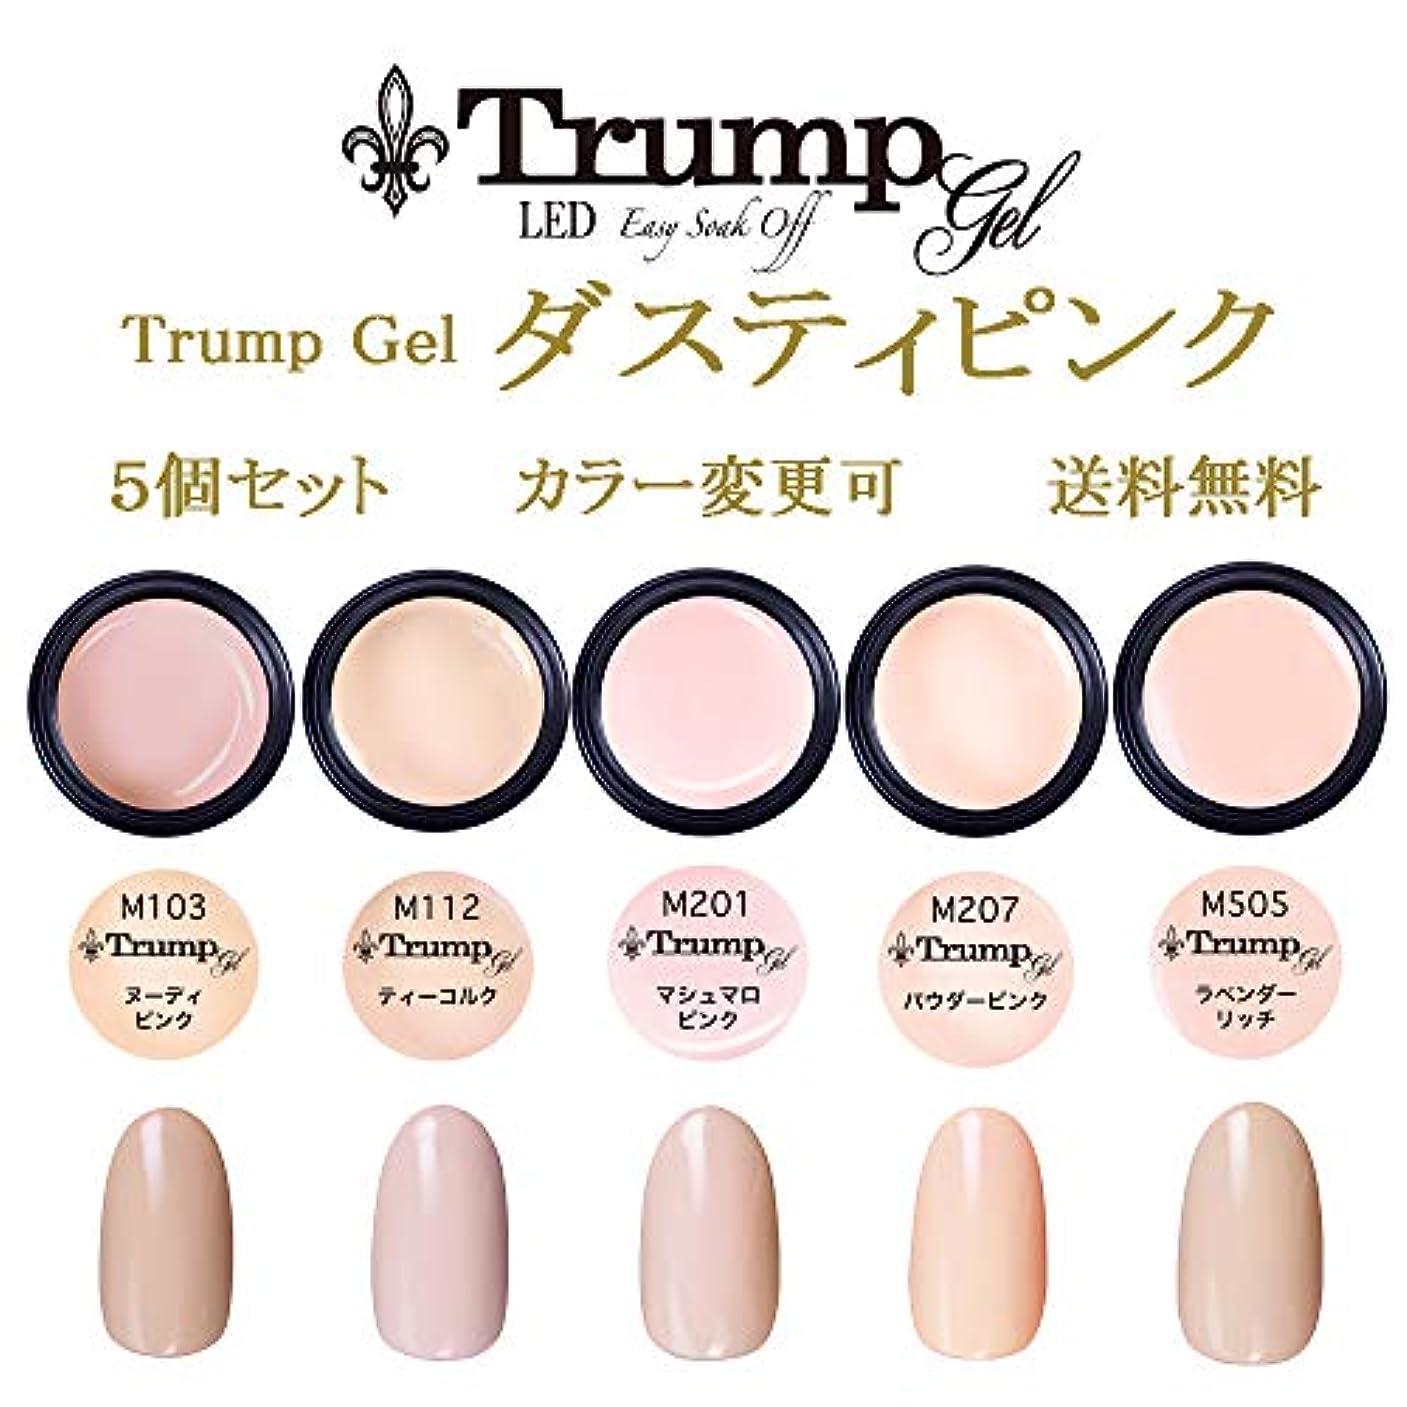 アレルギー性さておき価値【送料無料】Trumpダスティピンクカラー選べる カラージェル5個セット